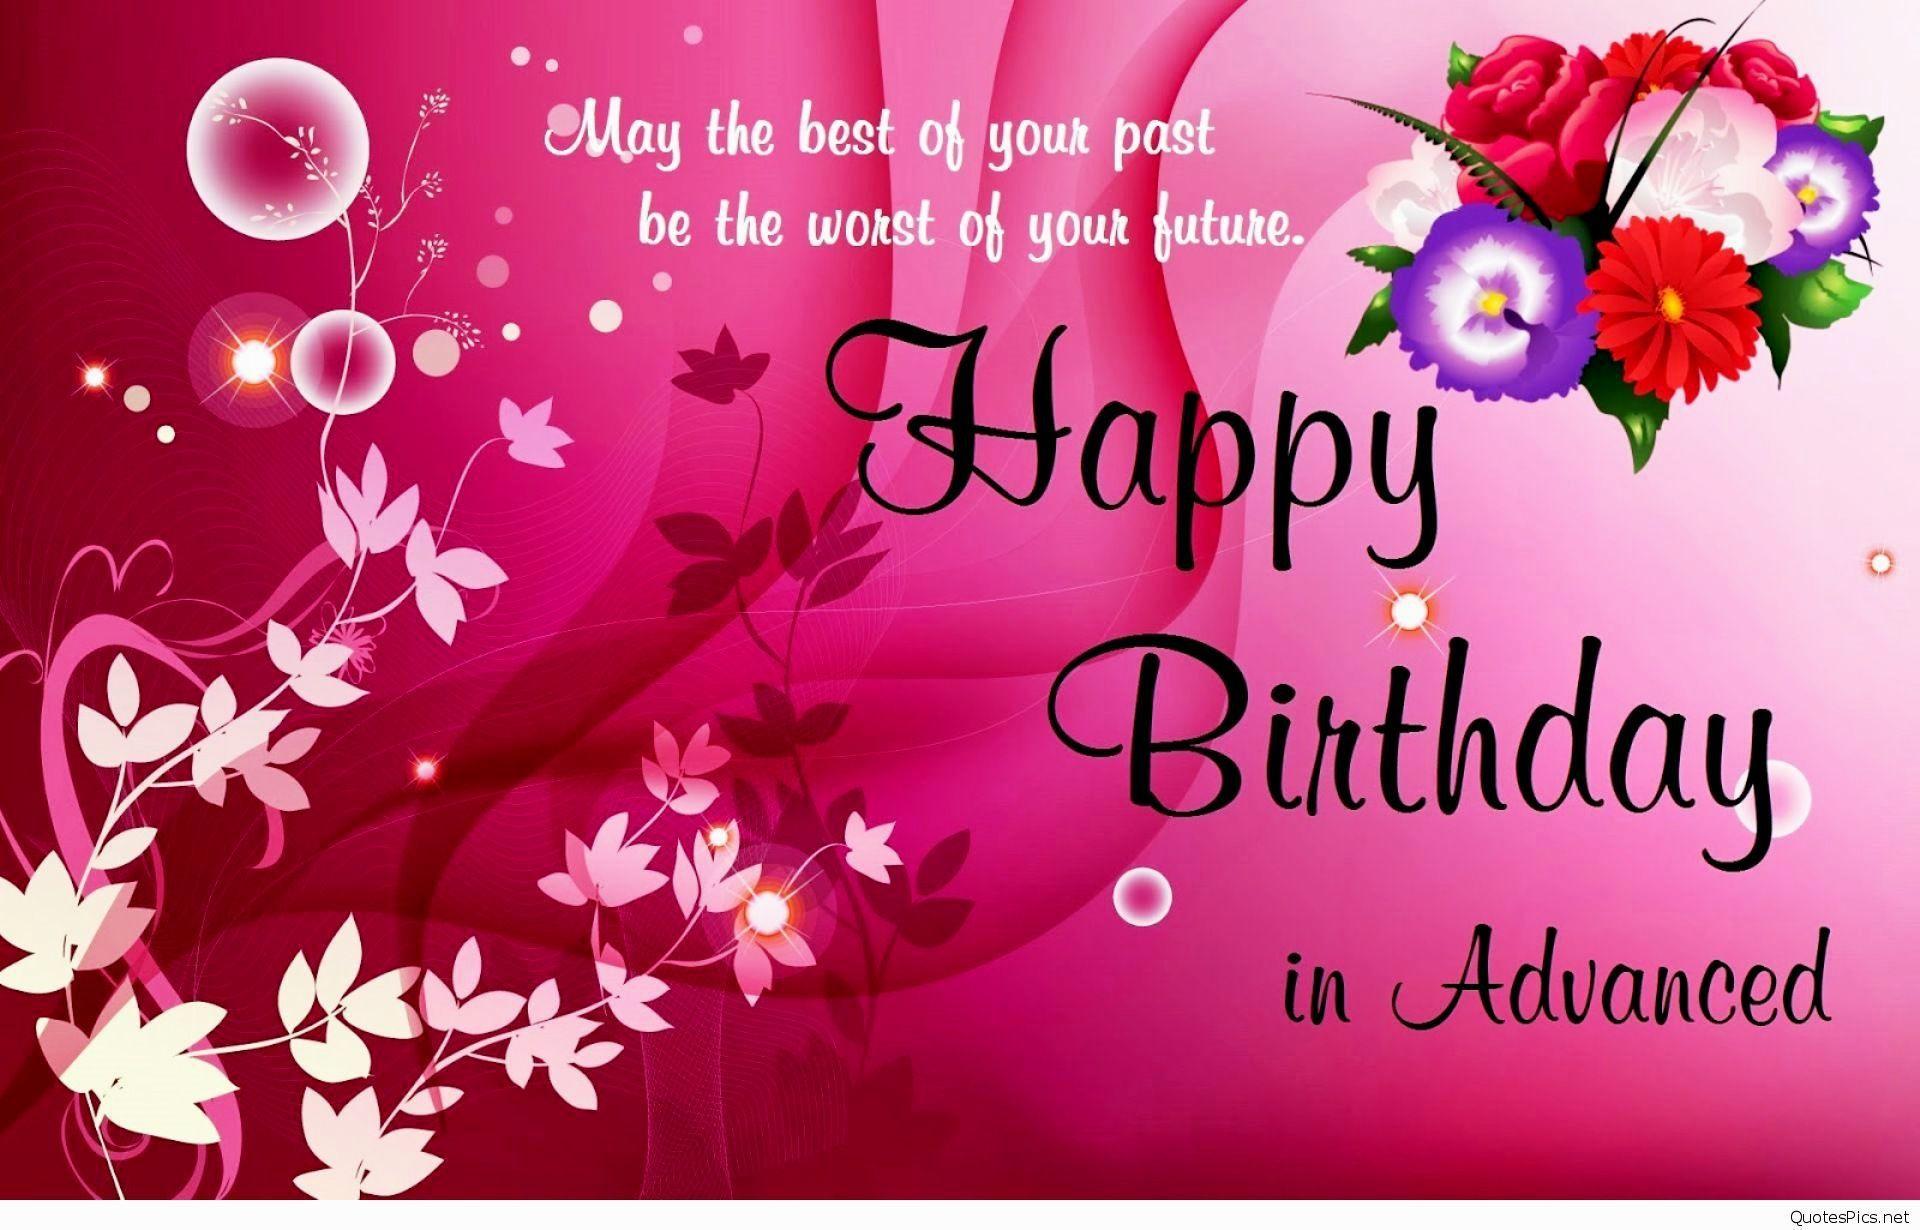 Geburtstagskarten Download (Mit Bildern)   Geburtstagsgrüße ganzes Geburtstag Bilder Kostenlos Herunterladen